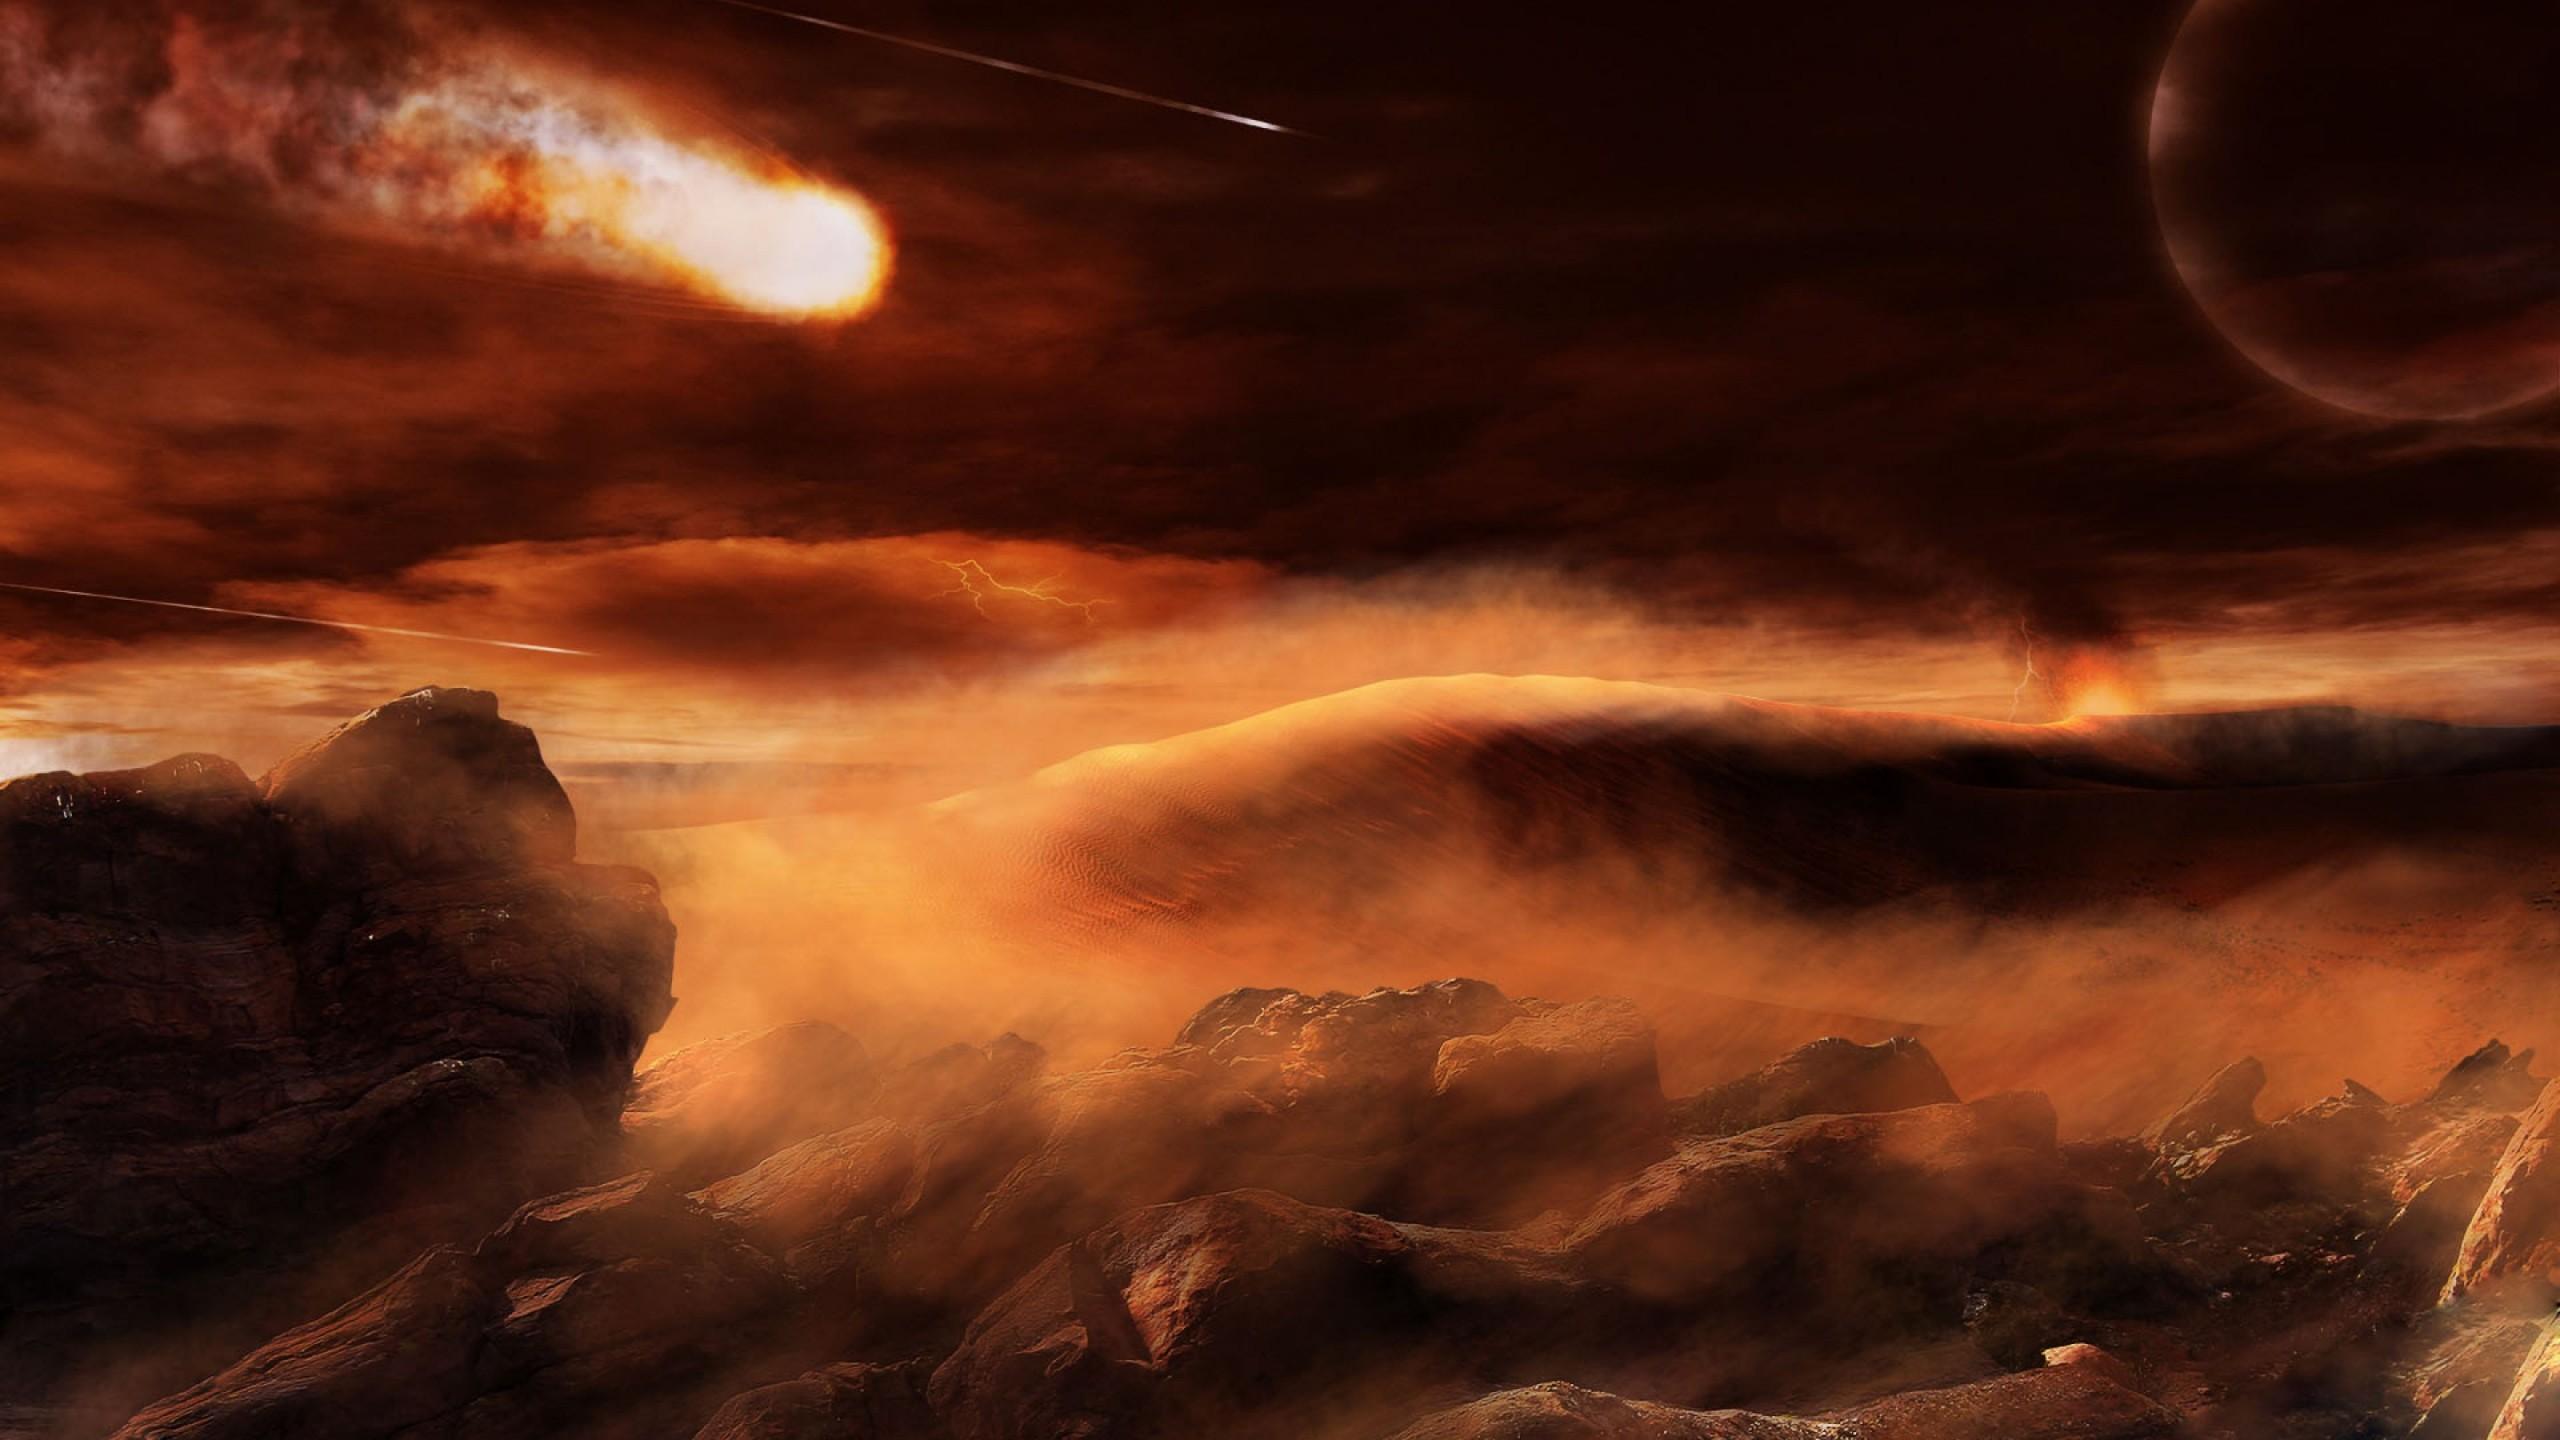 alien_planet_2560_1440